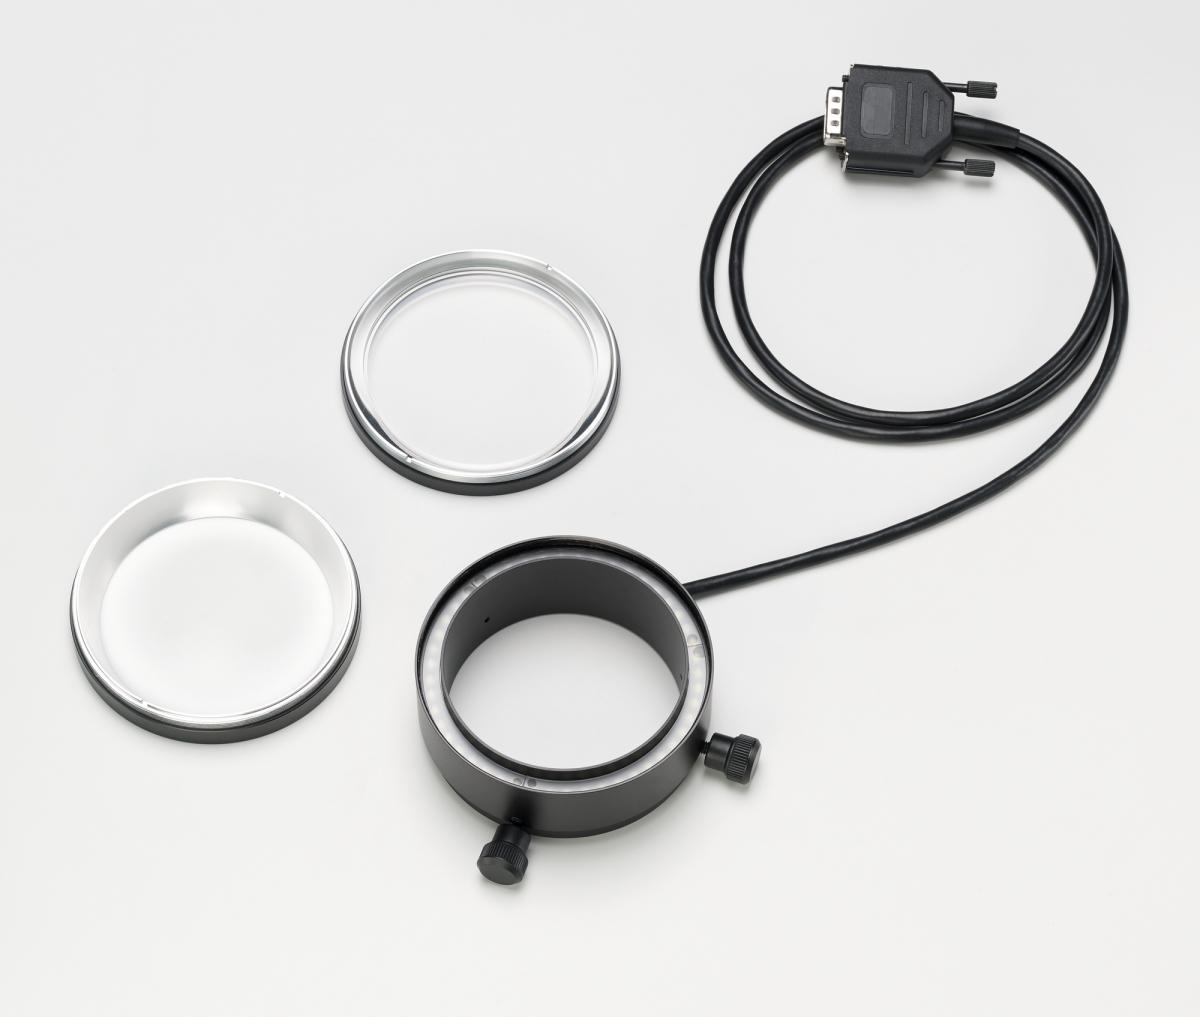 Eclairage VisiLED annulaire à fond noir -3